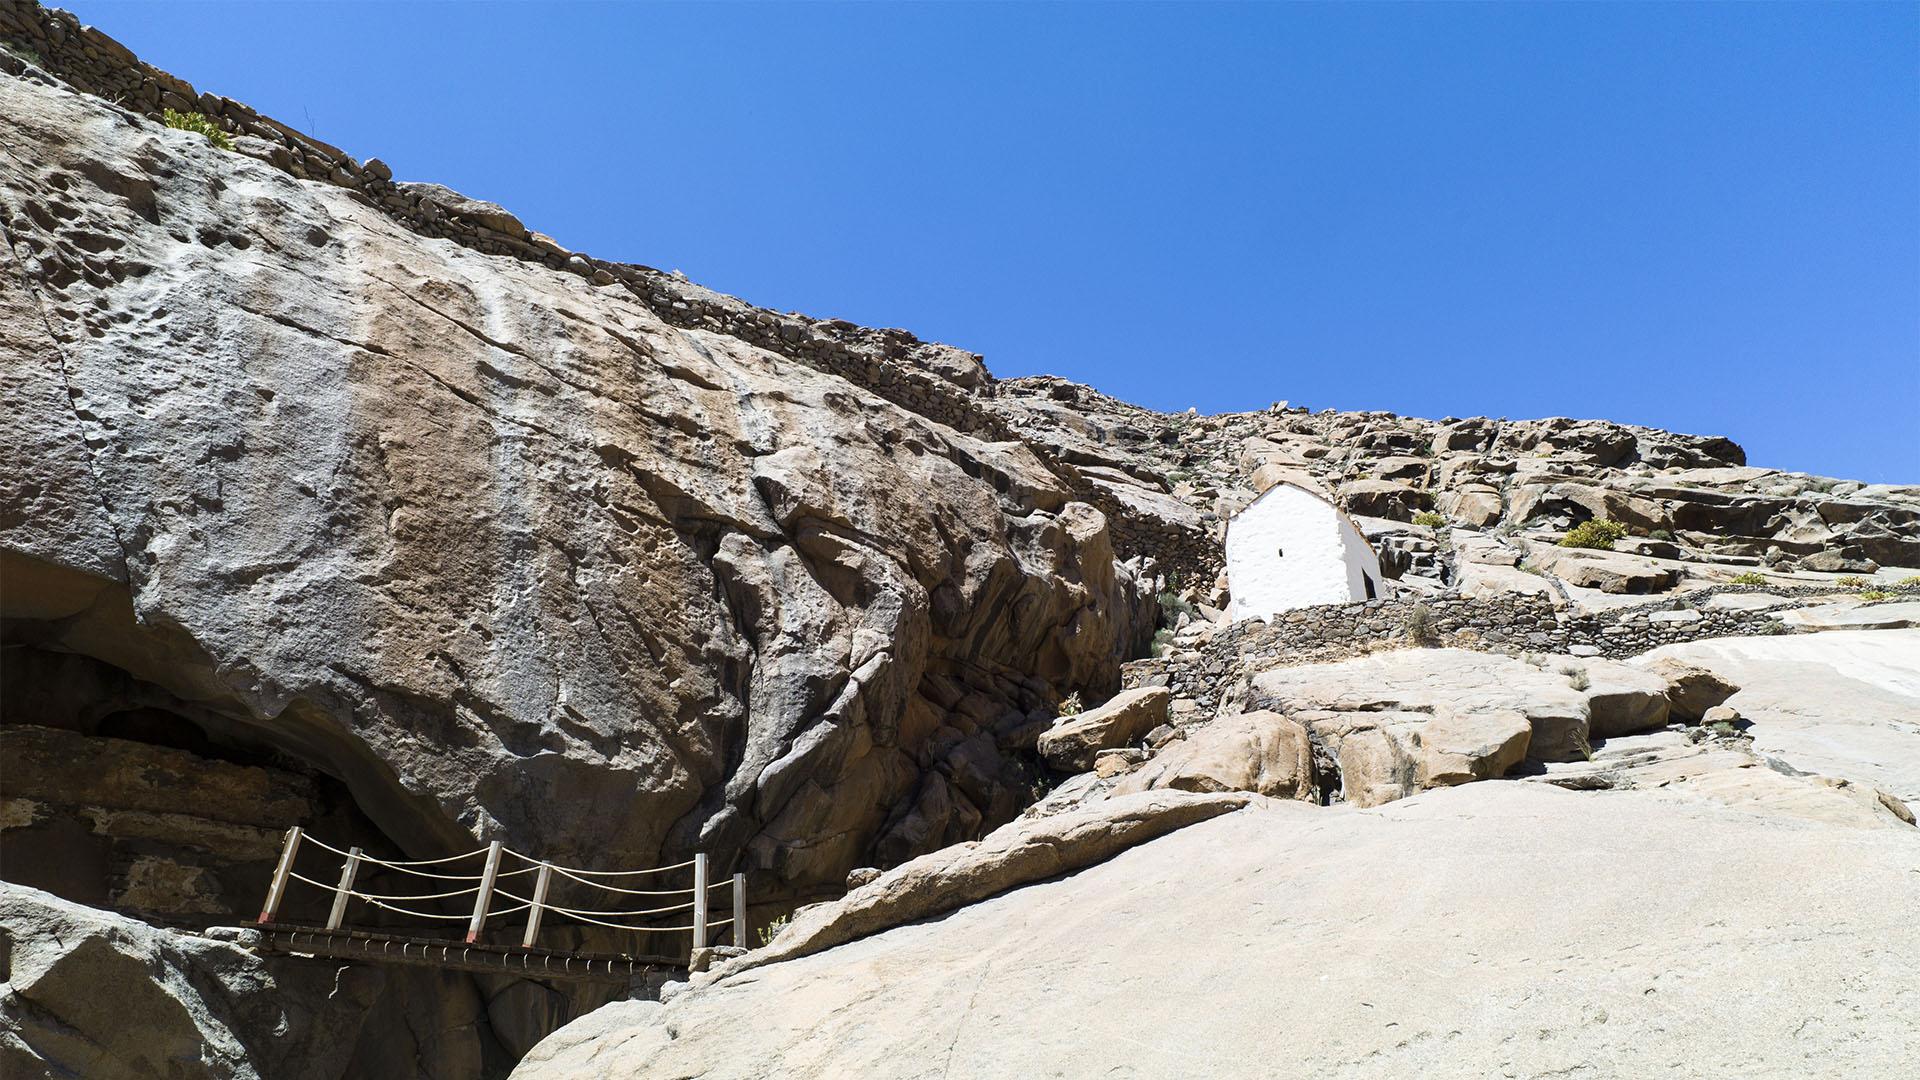 Iglesia de Nuestra Señora de la Peña Vega de Río Palmas Fuerteventura.